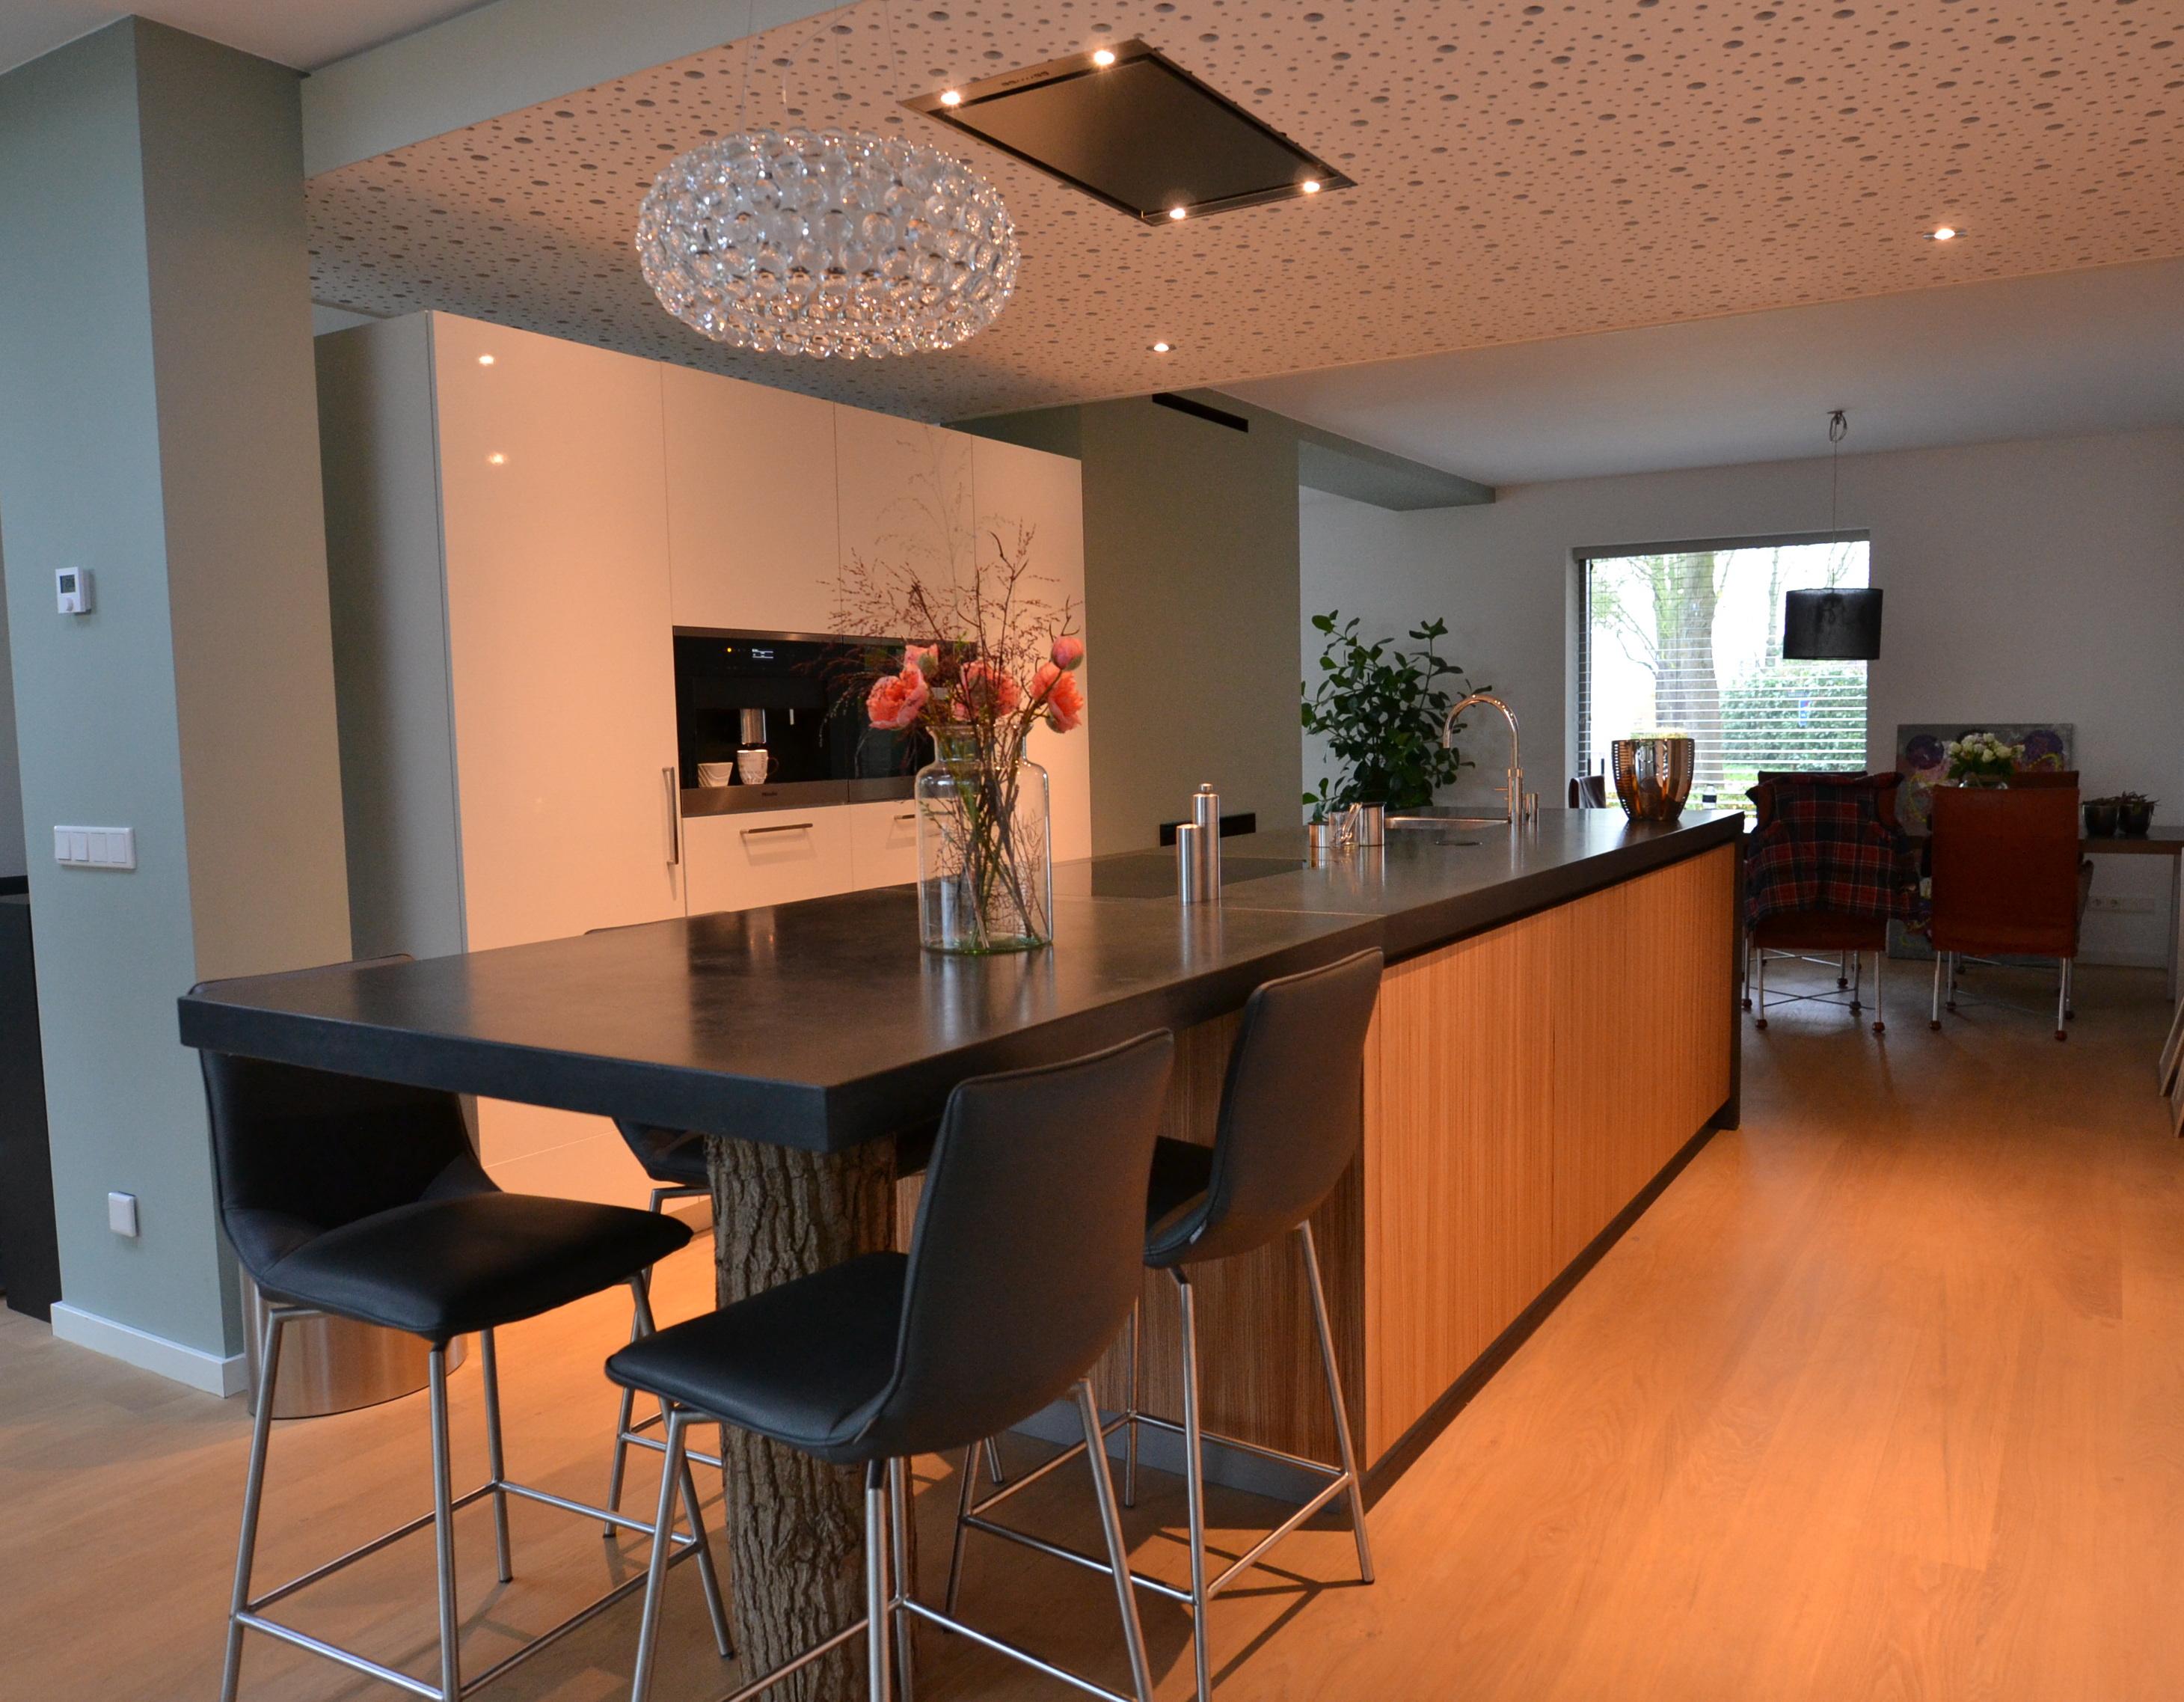 Beton Blad Keuken : Keuken zebrano met betonnen blad en witte hoogglans achterkast